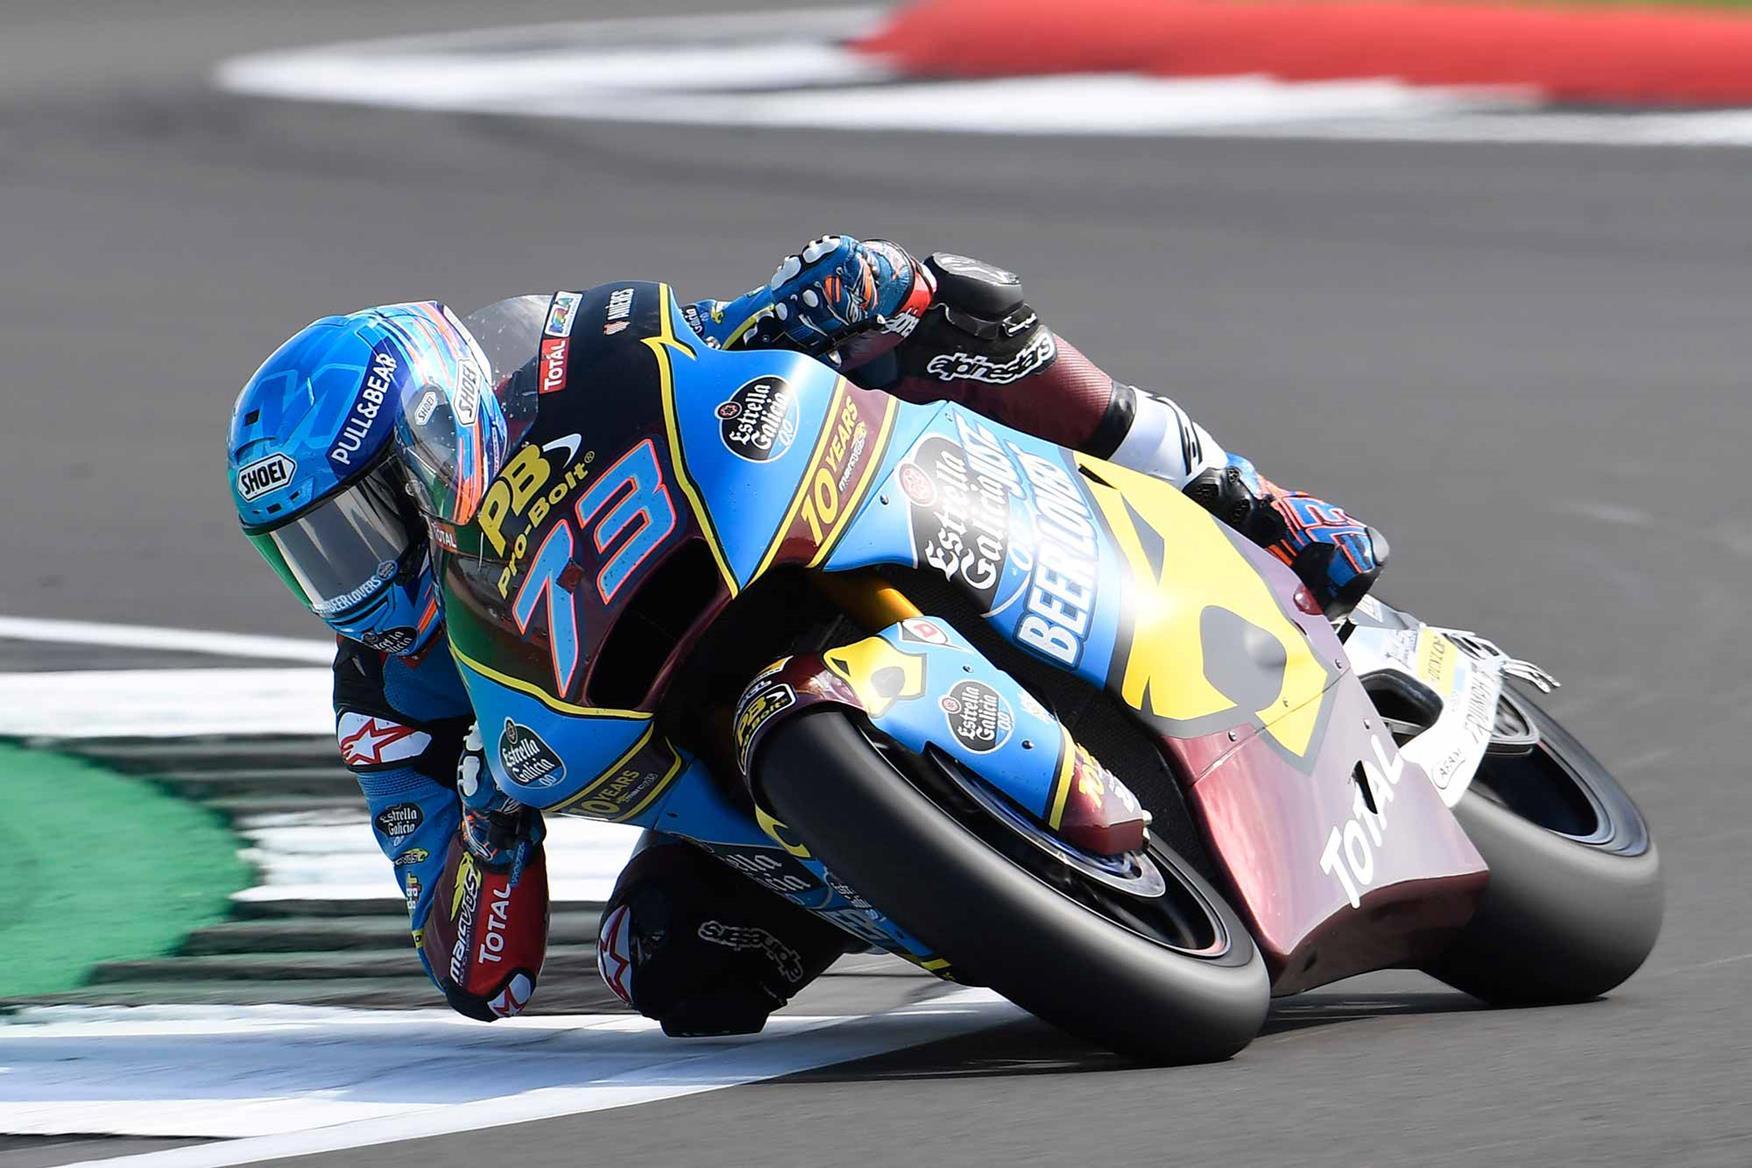 Alex Marquez claimed pole position